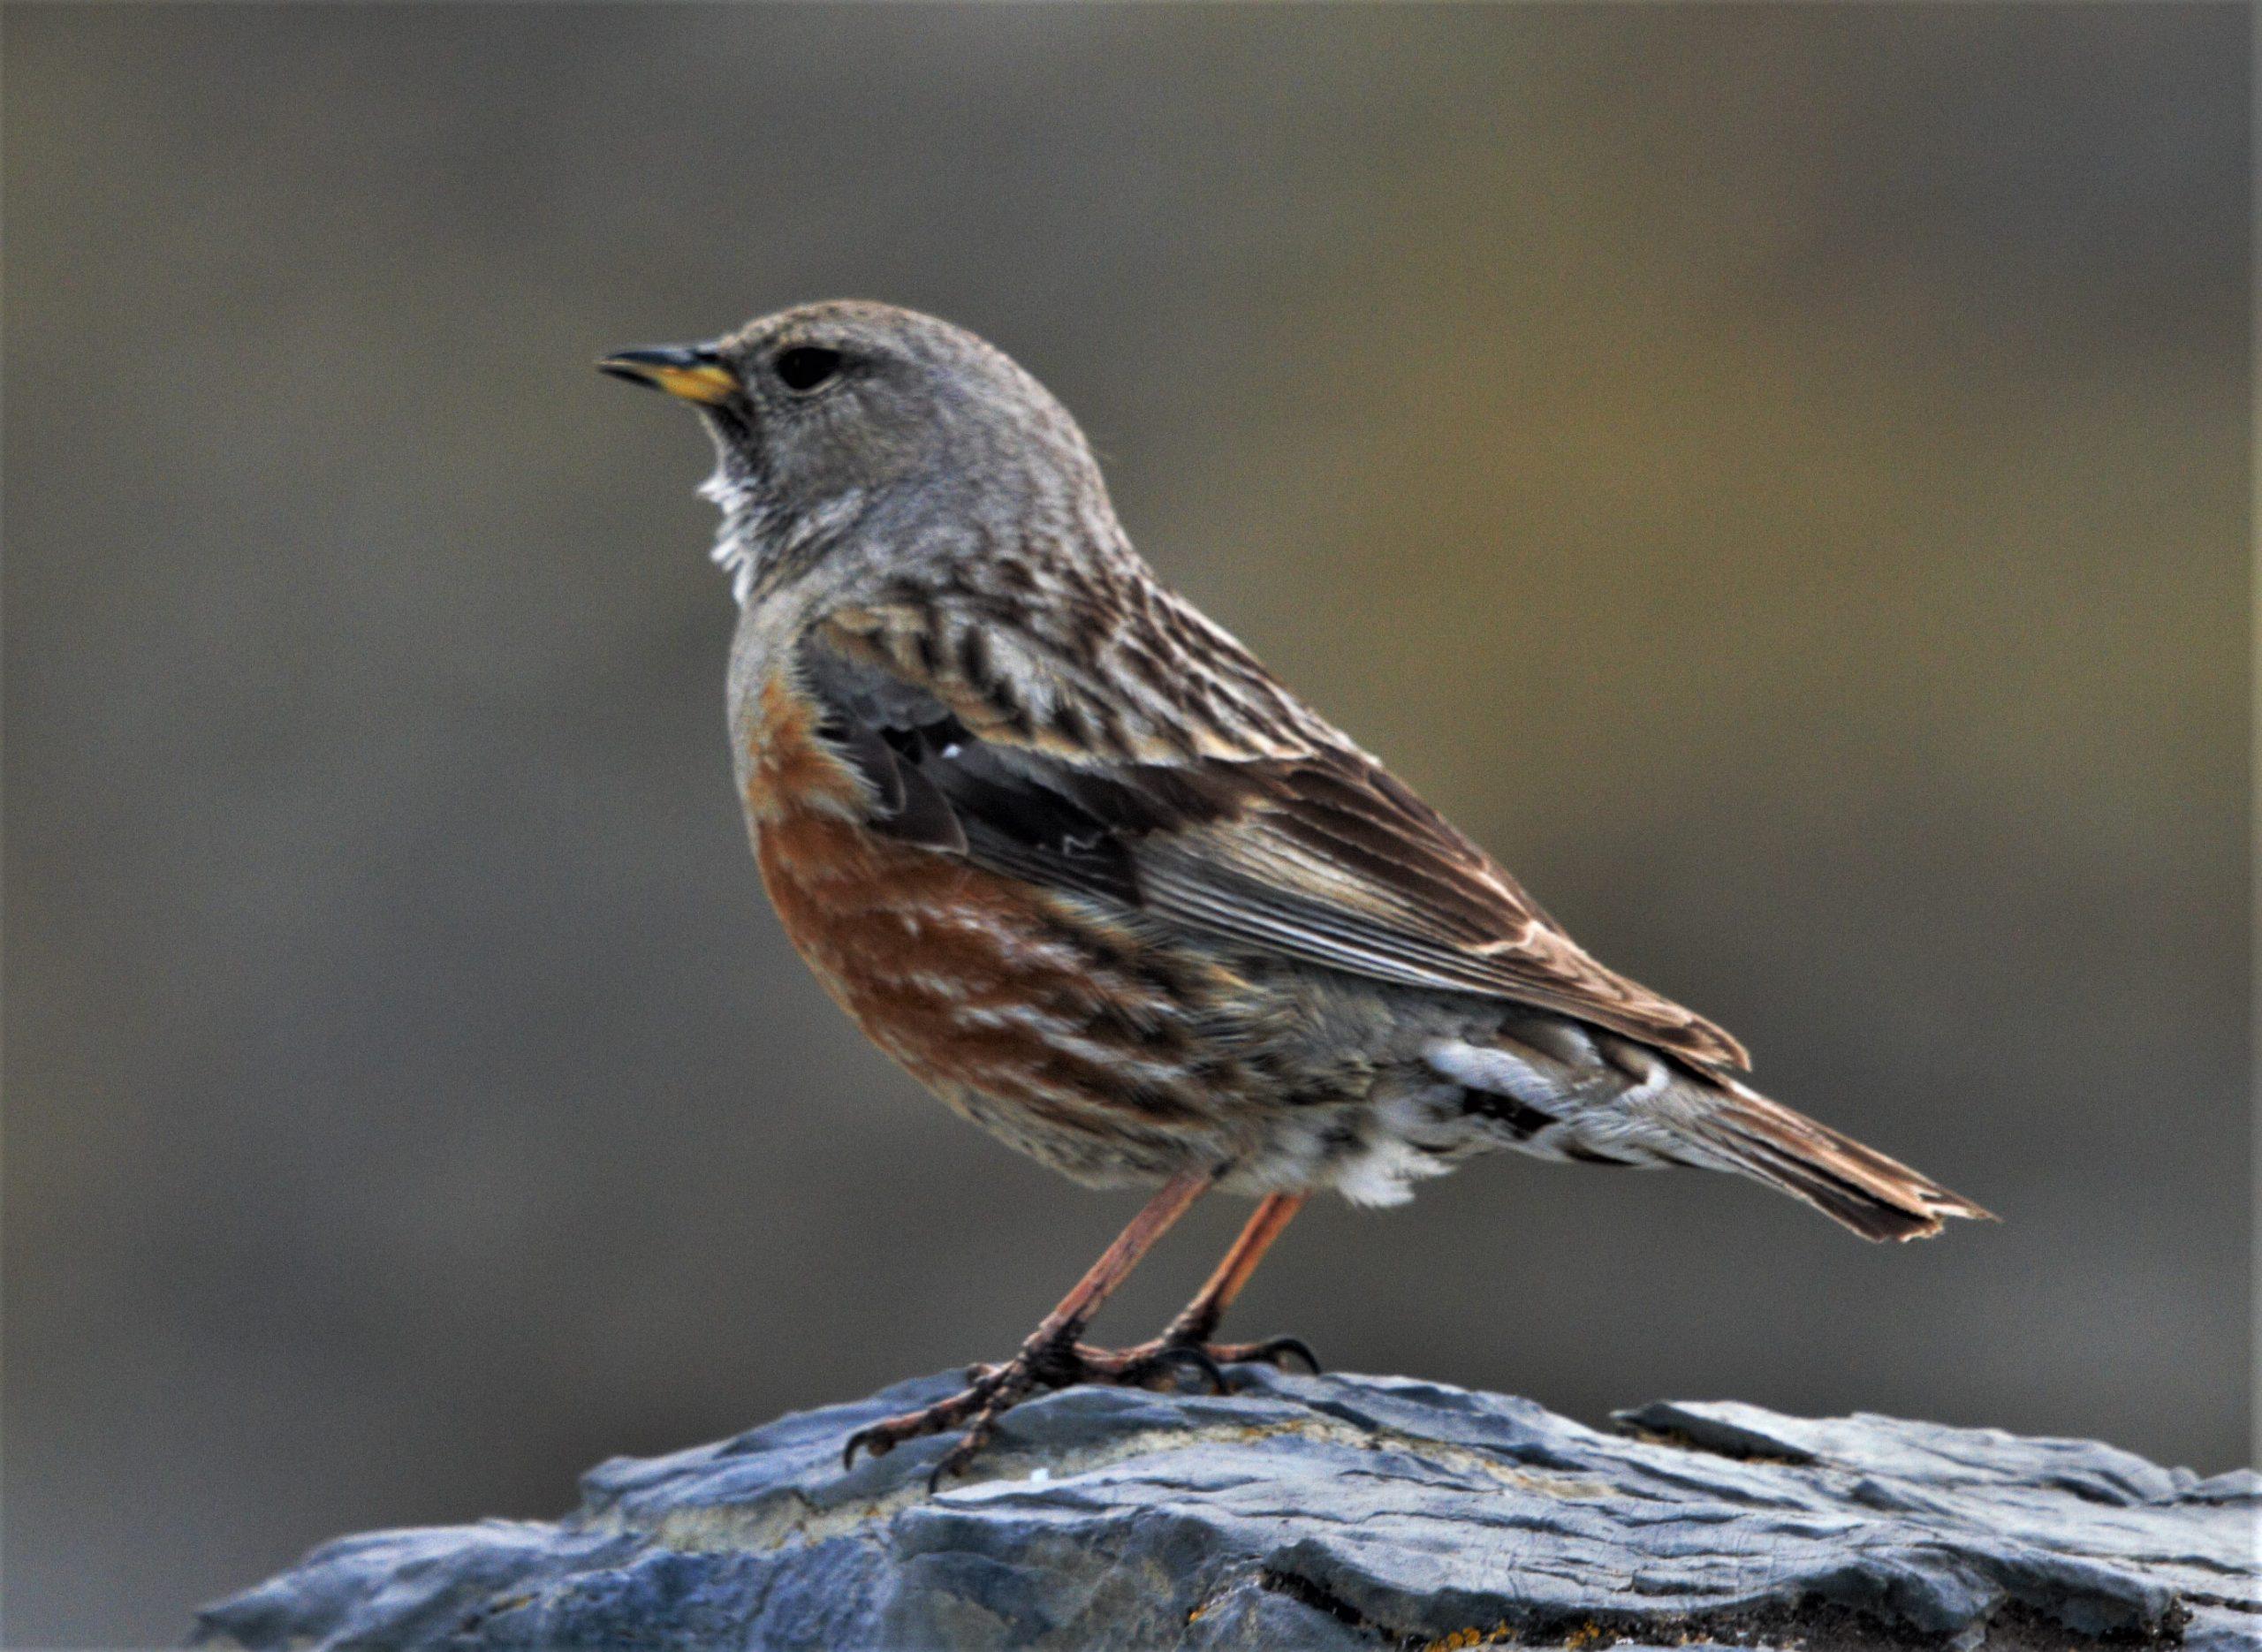 acentor-alpino-aves-alpinas-birdwatching-pirineos